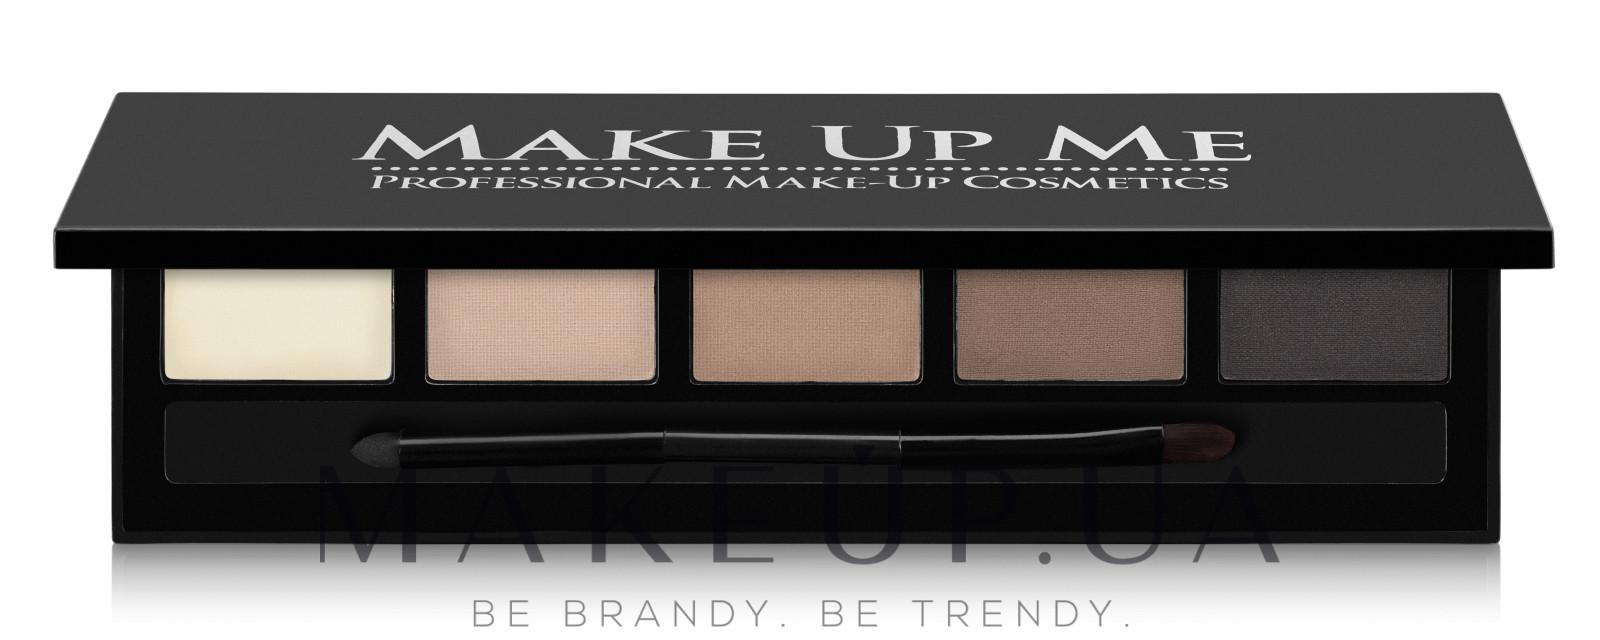 Компактный набор пудр для бровей 5 оттенка - Make Up Me 5 Color Eyebrow Powder — фото FB5-1